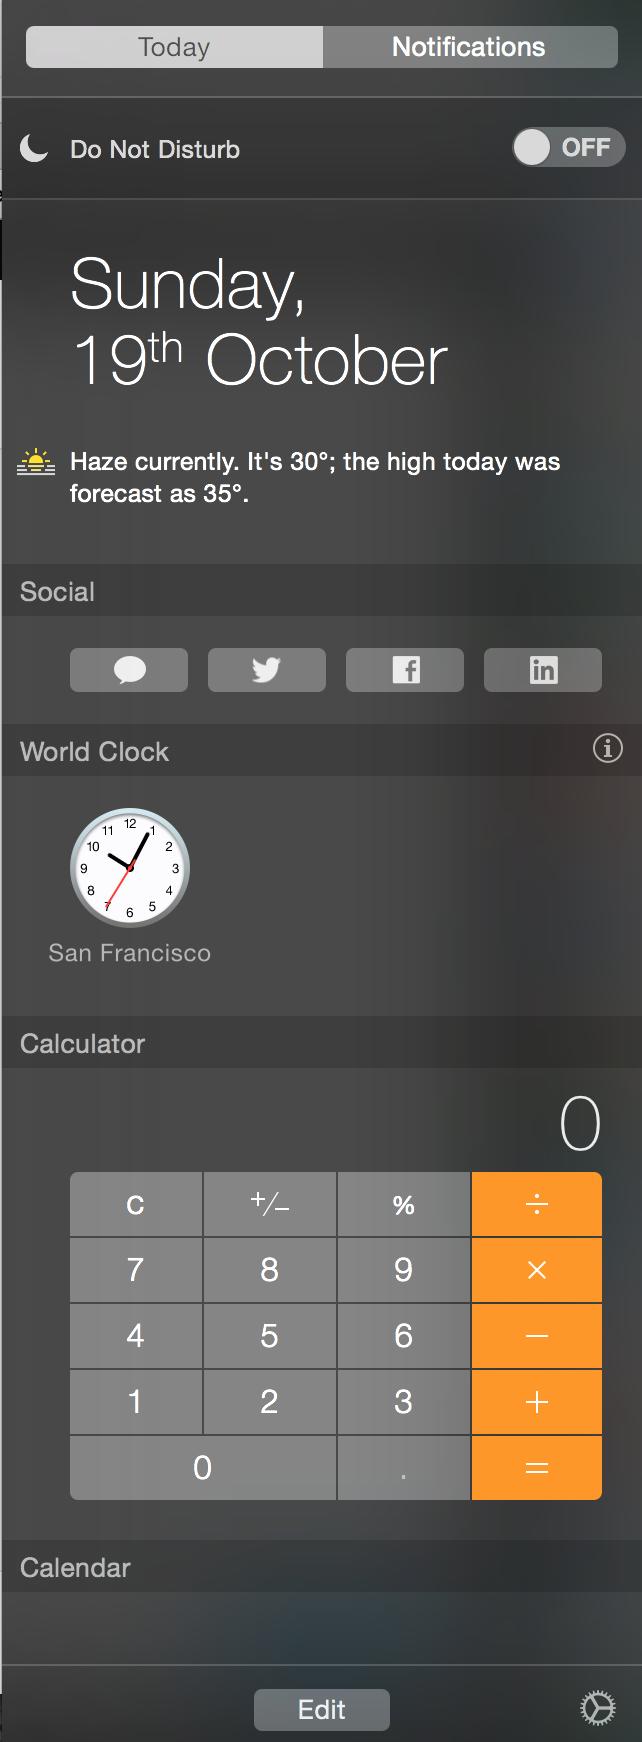 Добавление и использование виджетов Сегодня в Центре уведомлений OS X Yosemite